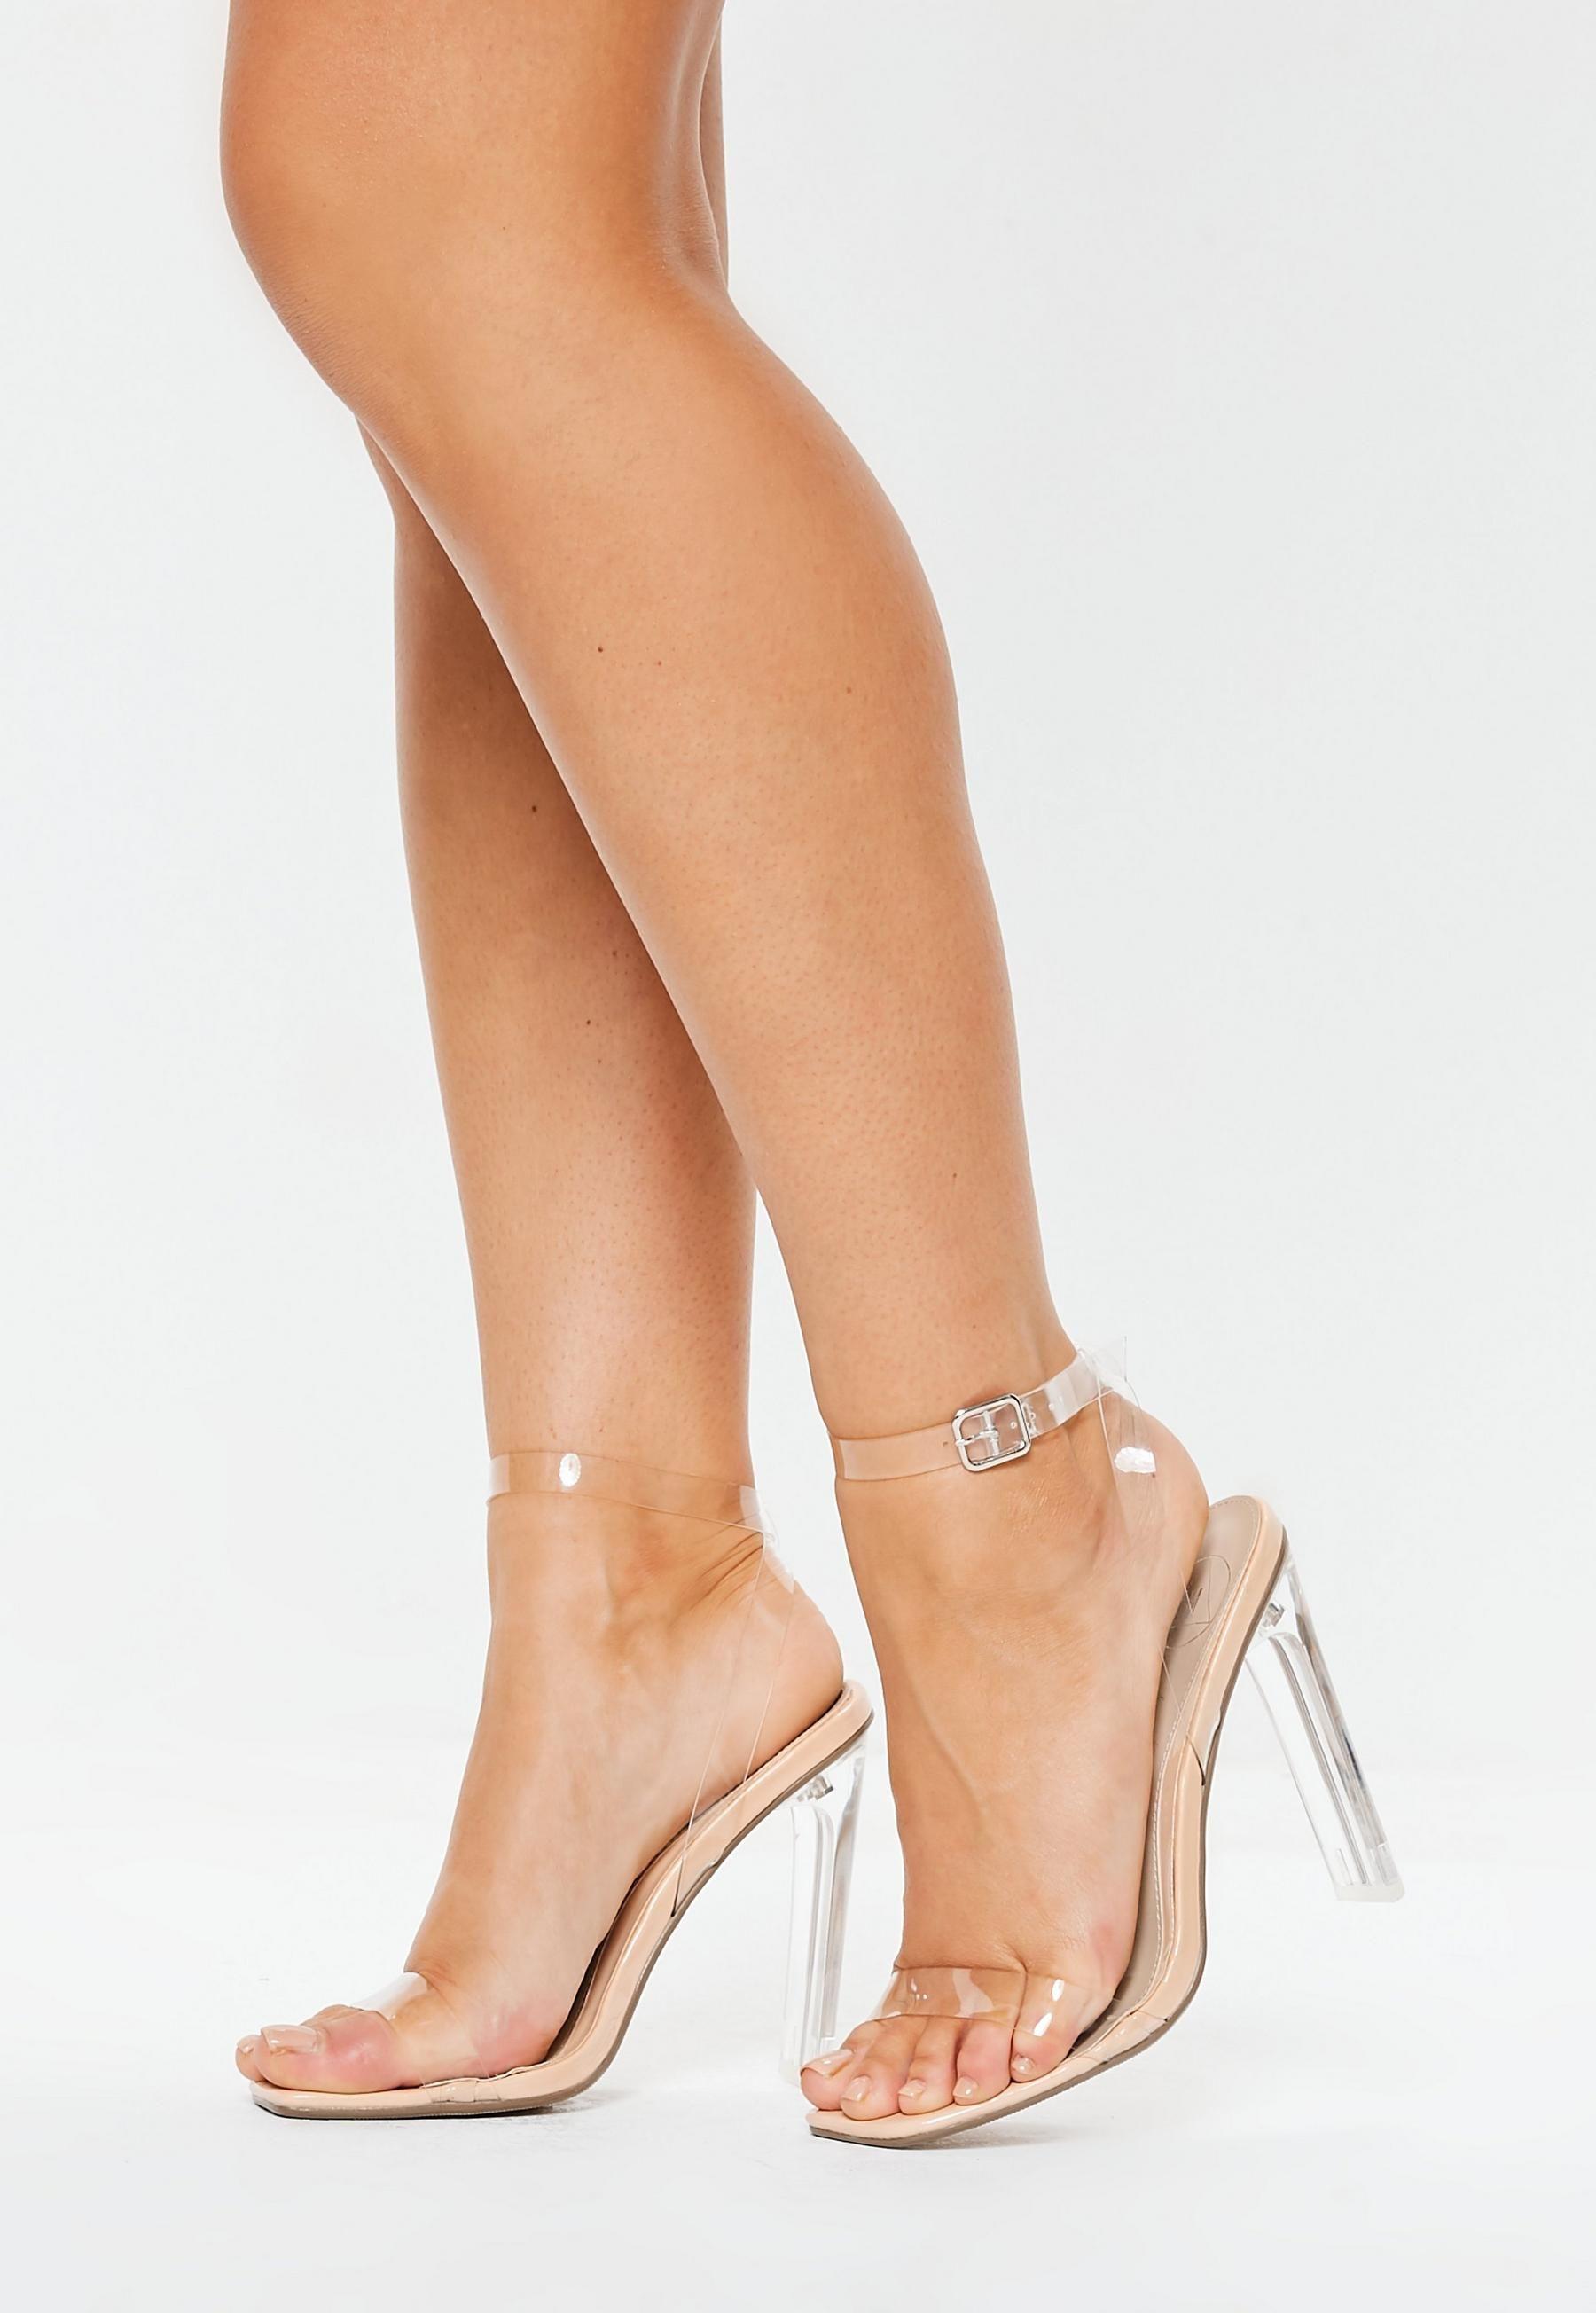 8c60448e271 Nude Square Toe Clear Heels